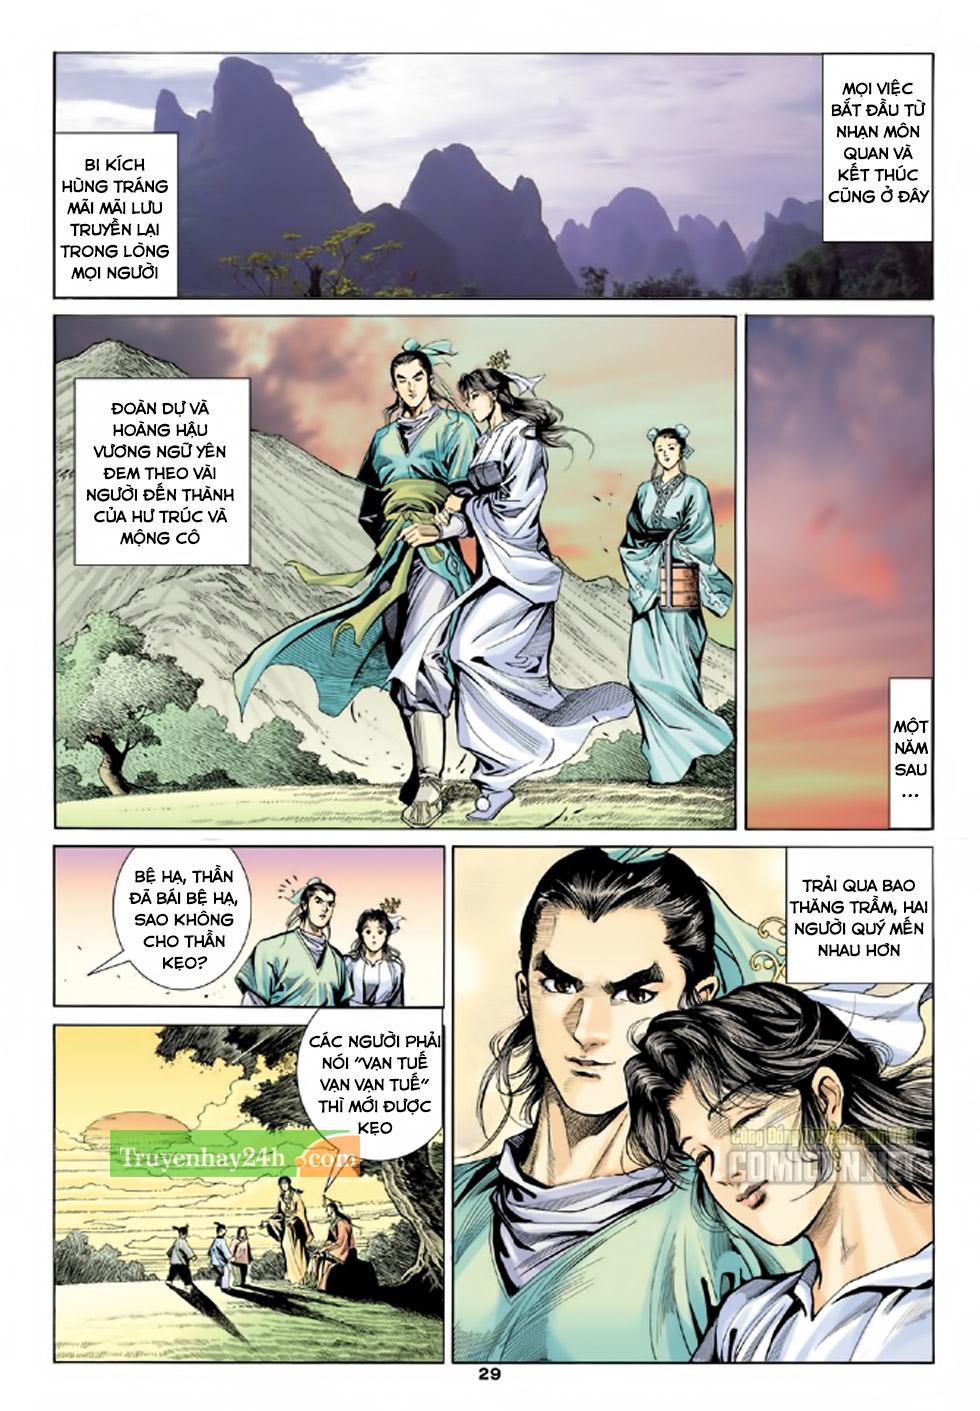 Thiên Long Bát Bộ chap 100 – End Trang 30 - Mangak.info